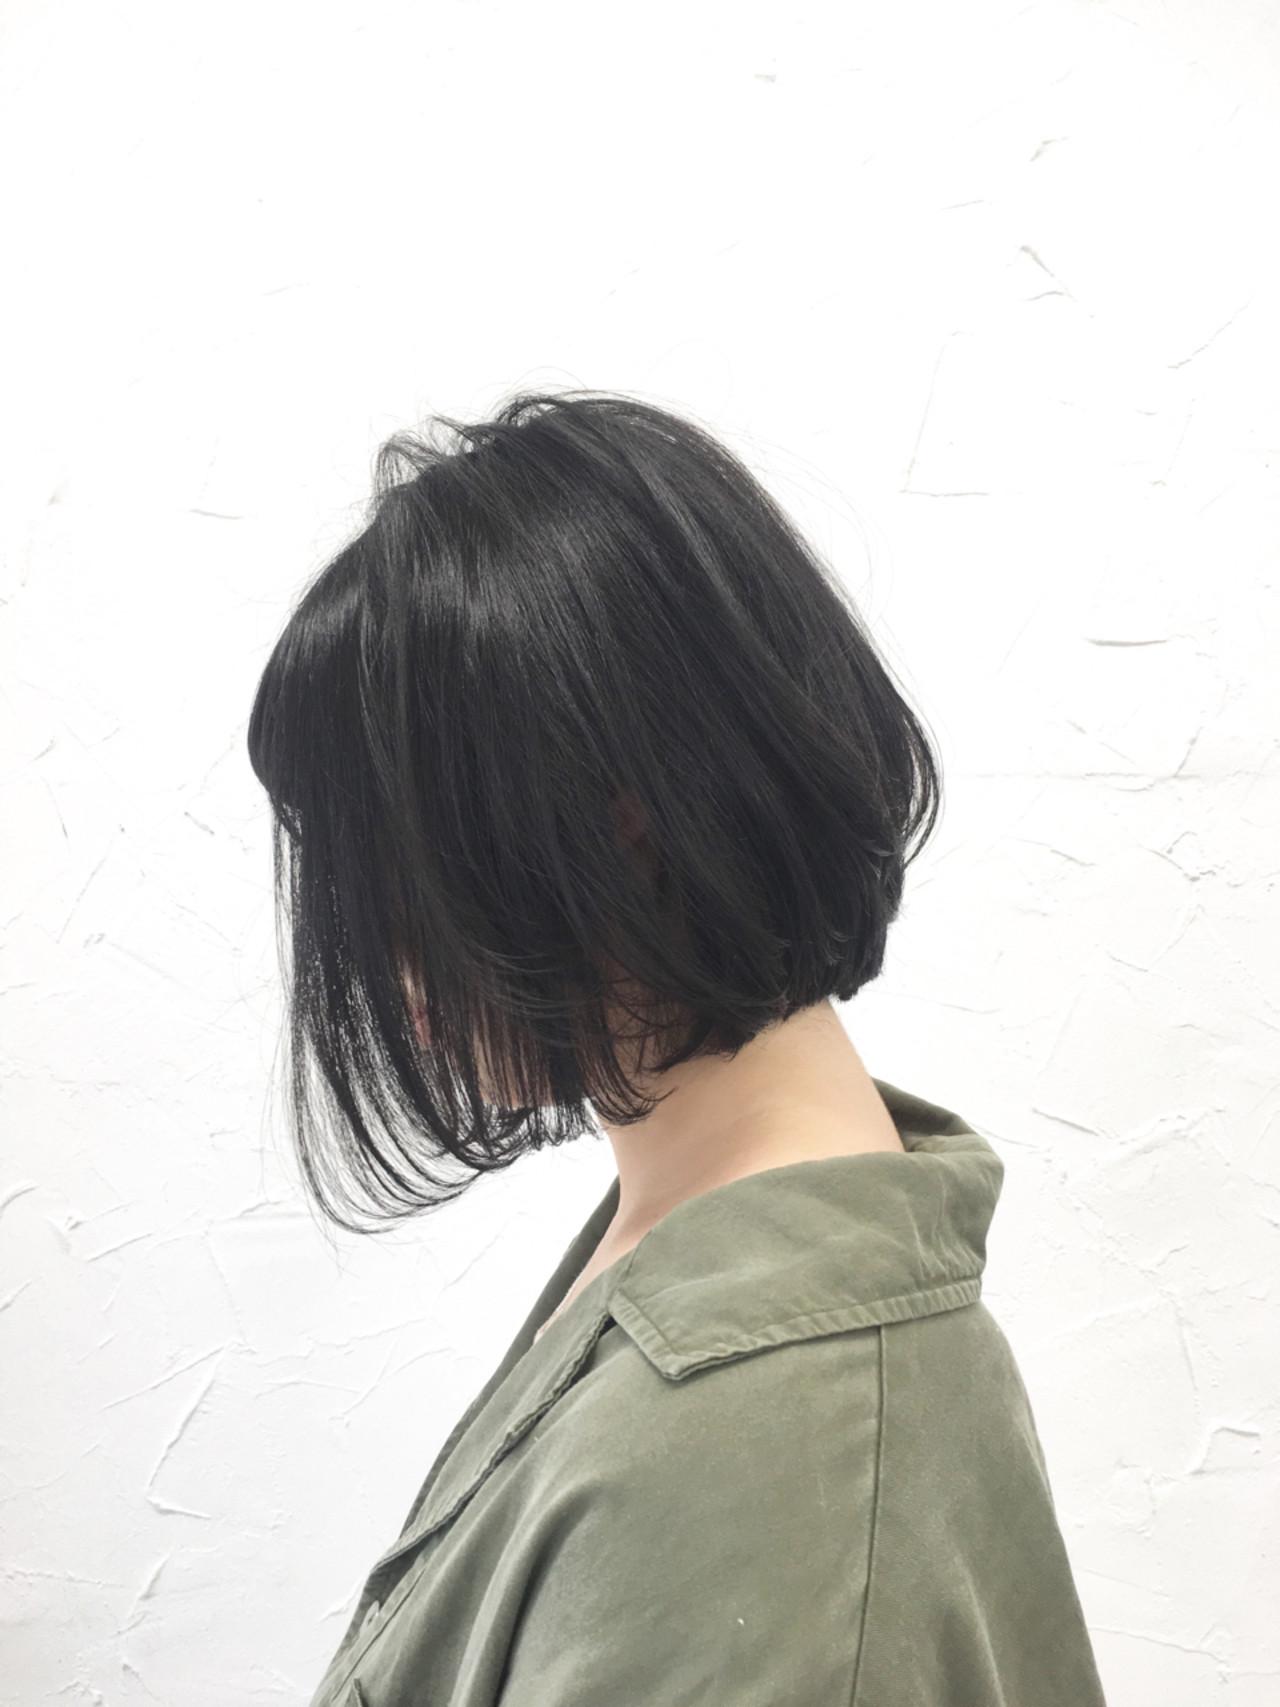 ボブ ヘアアレンジ ハイライト 原宿系 ヘアスタイルや髪型の写真・画像